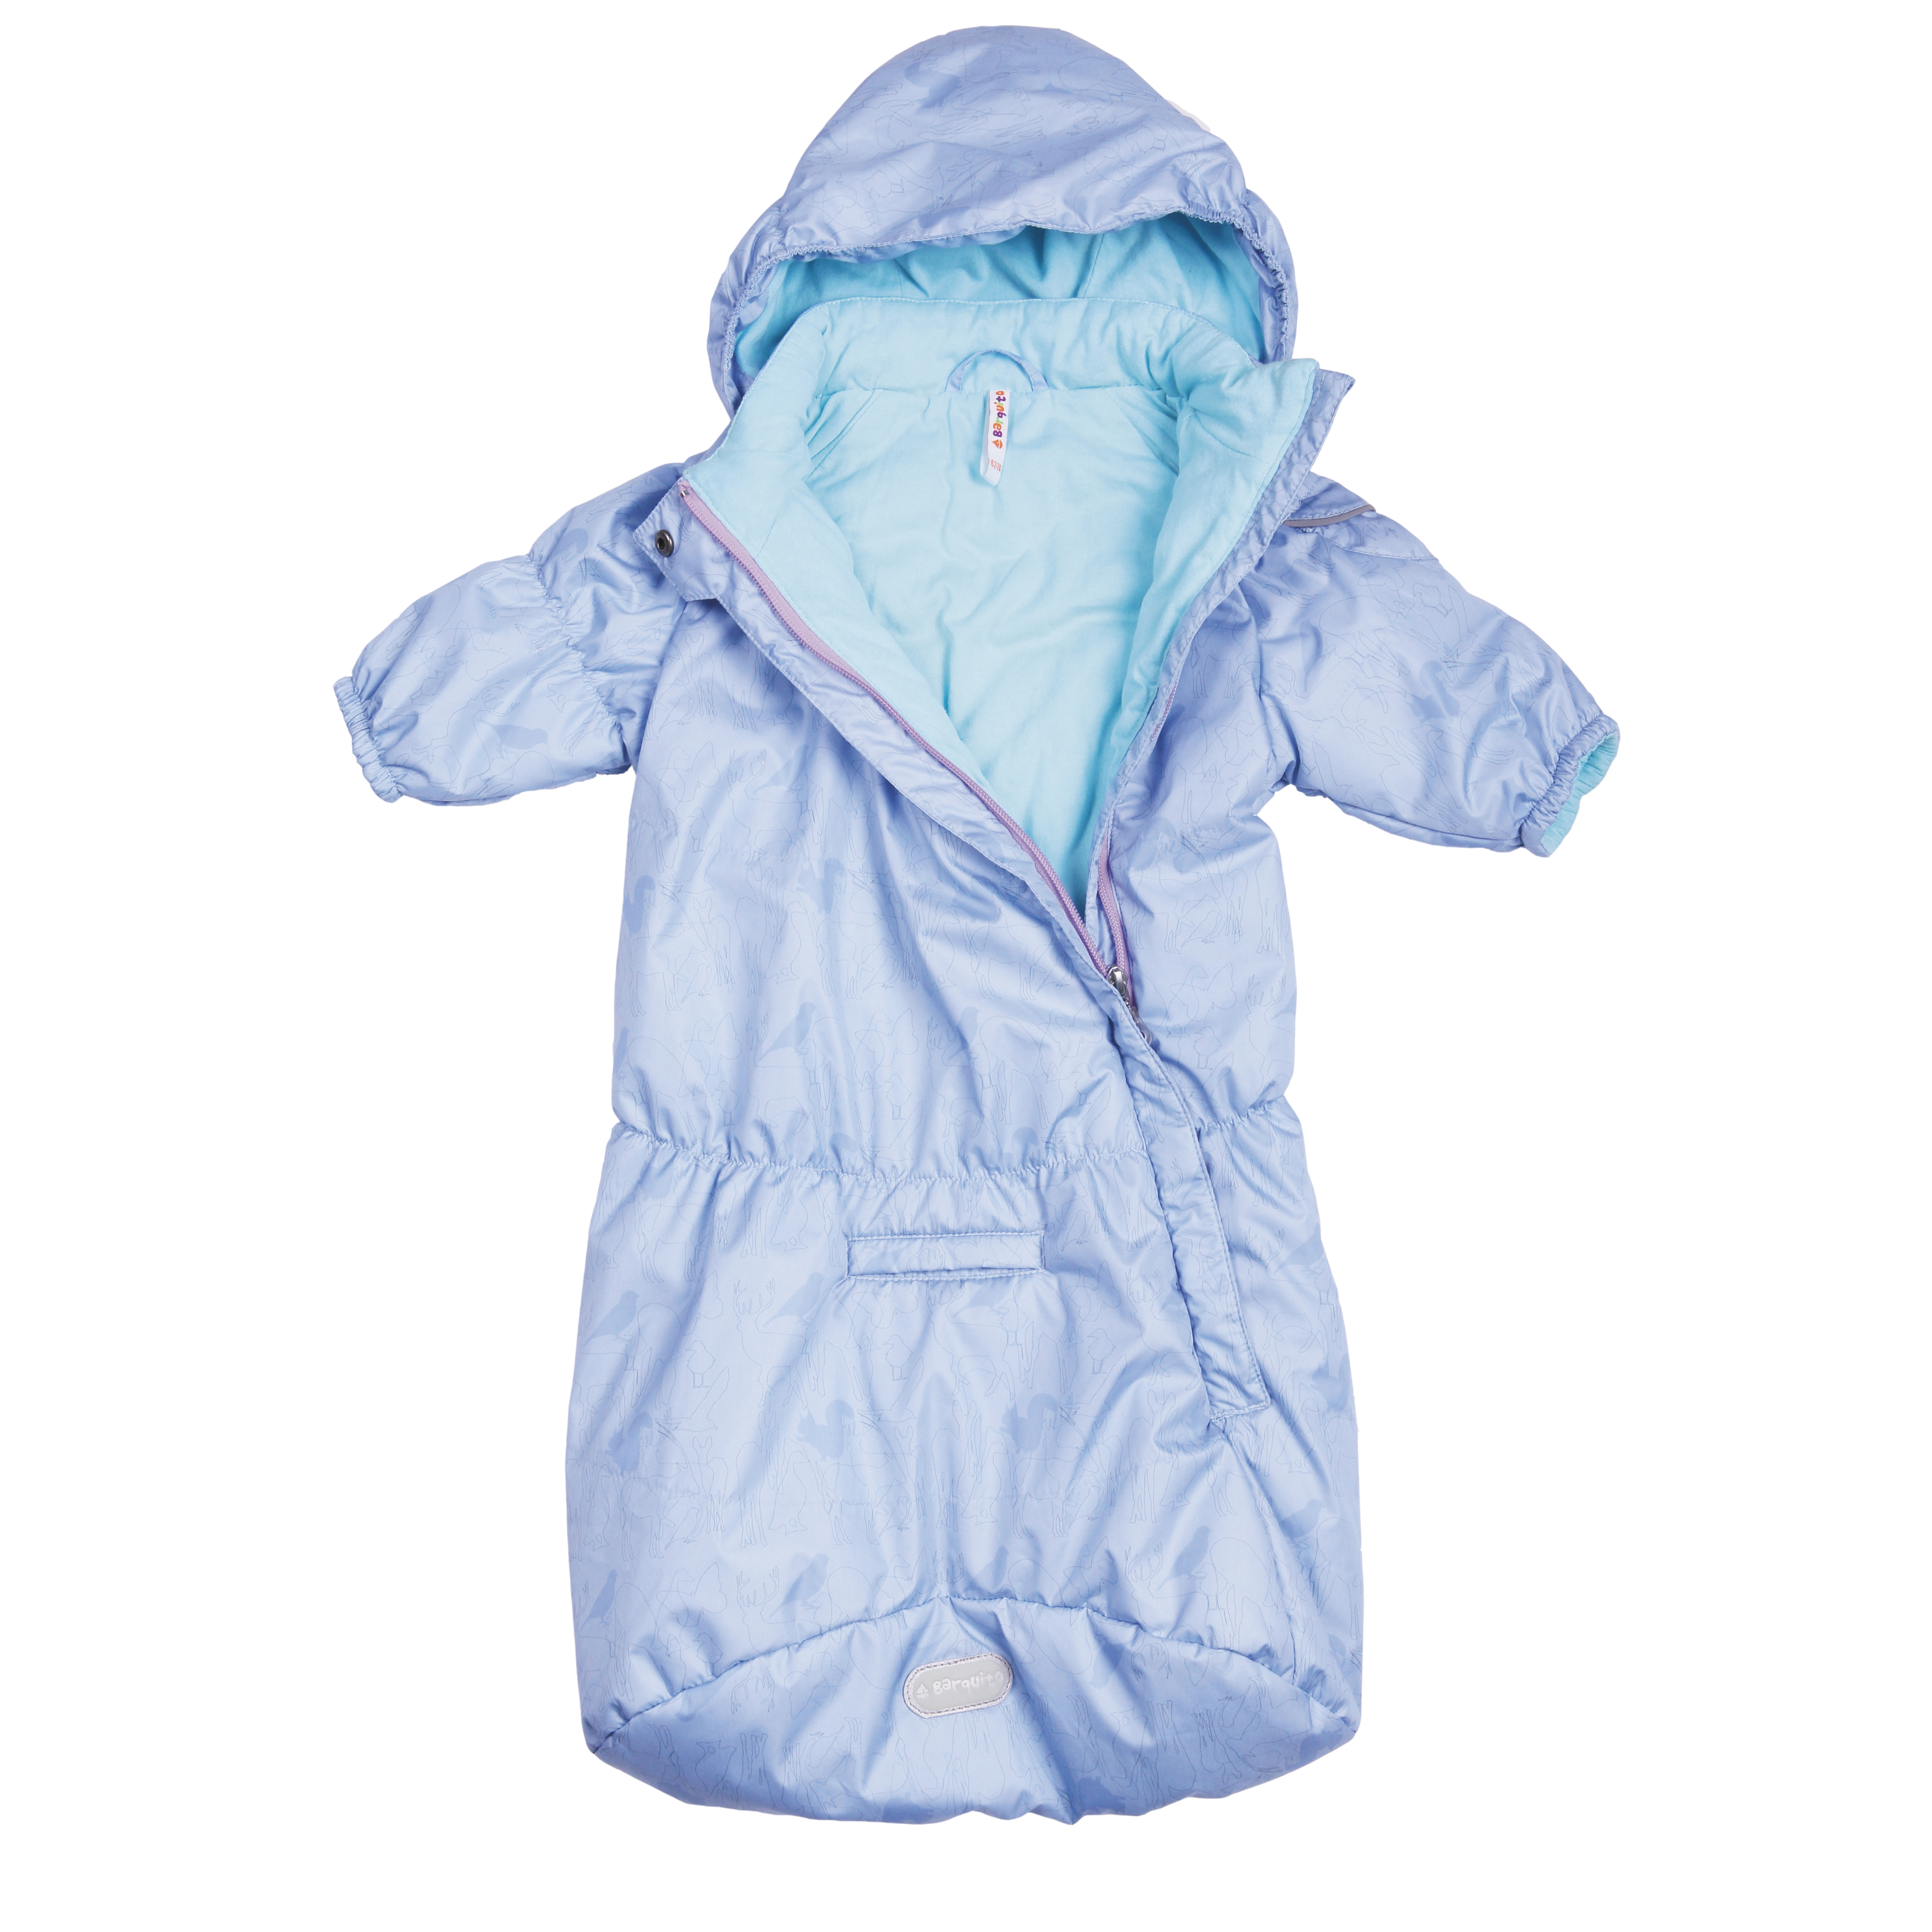 Конверты и спальные мешки BARQUITO Спальный мешок для мальчика Barquito голубой спальные мешки для малышей bebe lazzi конверт